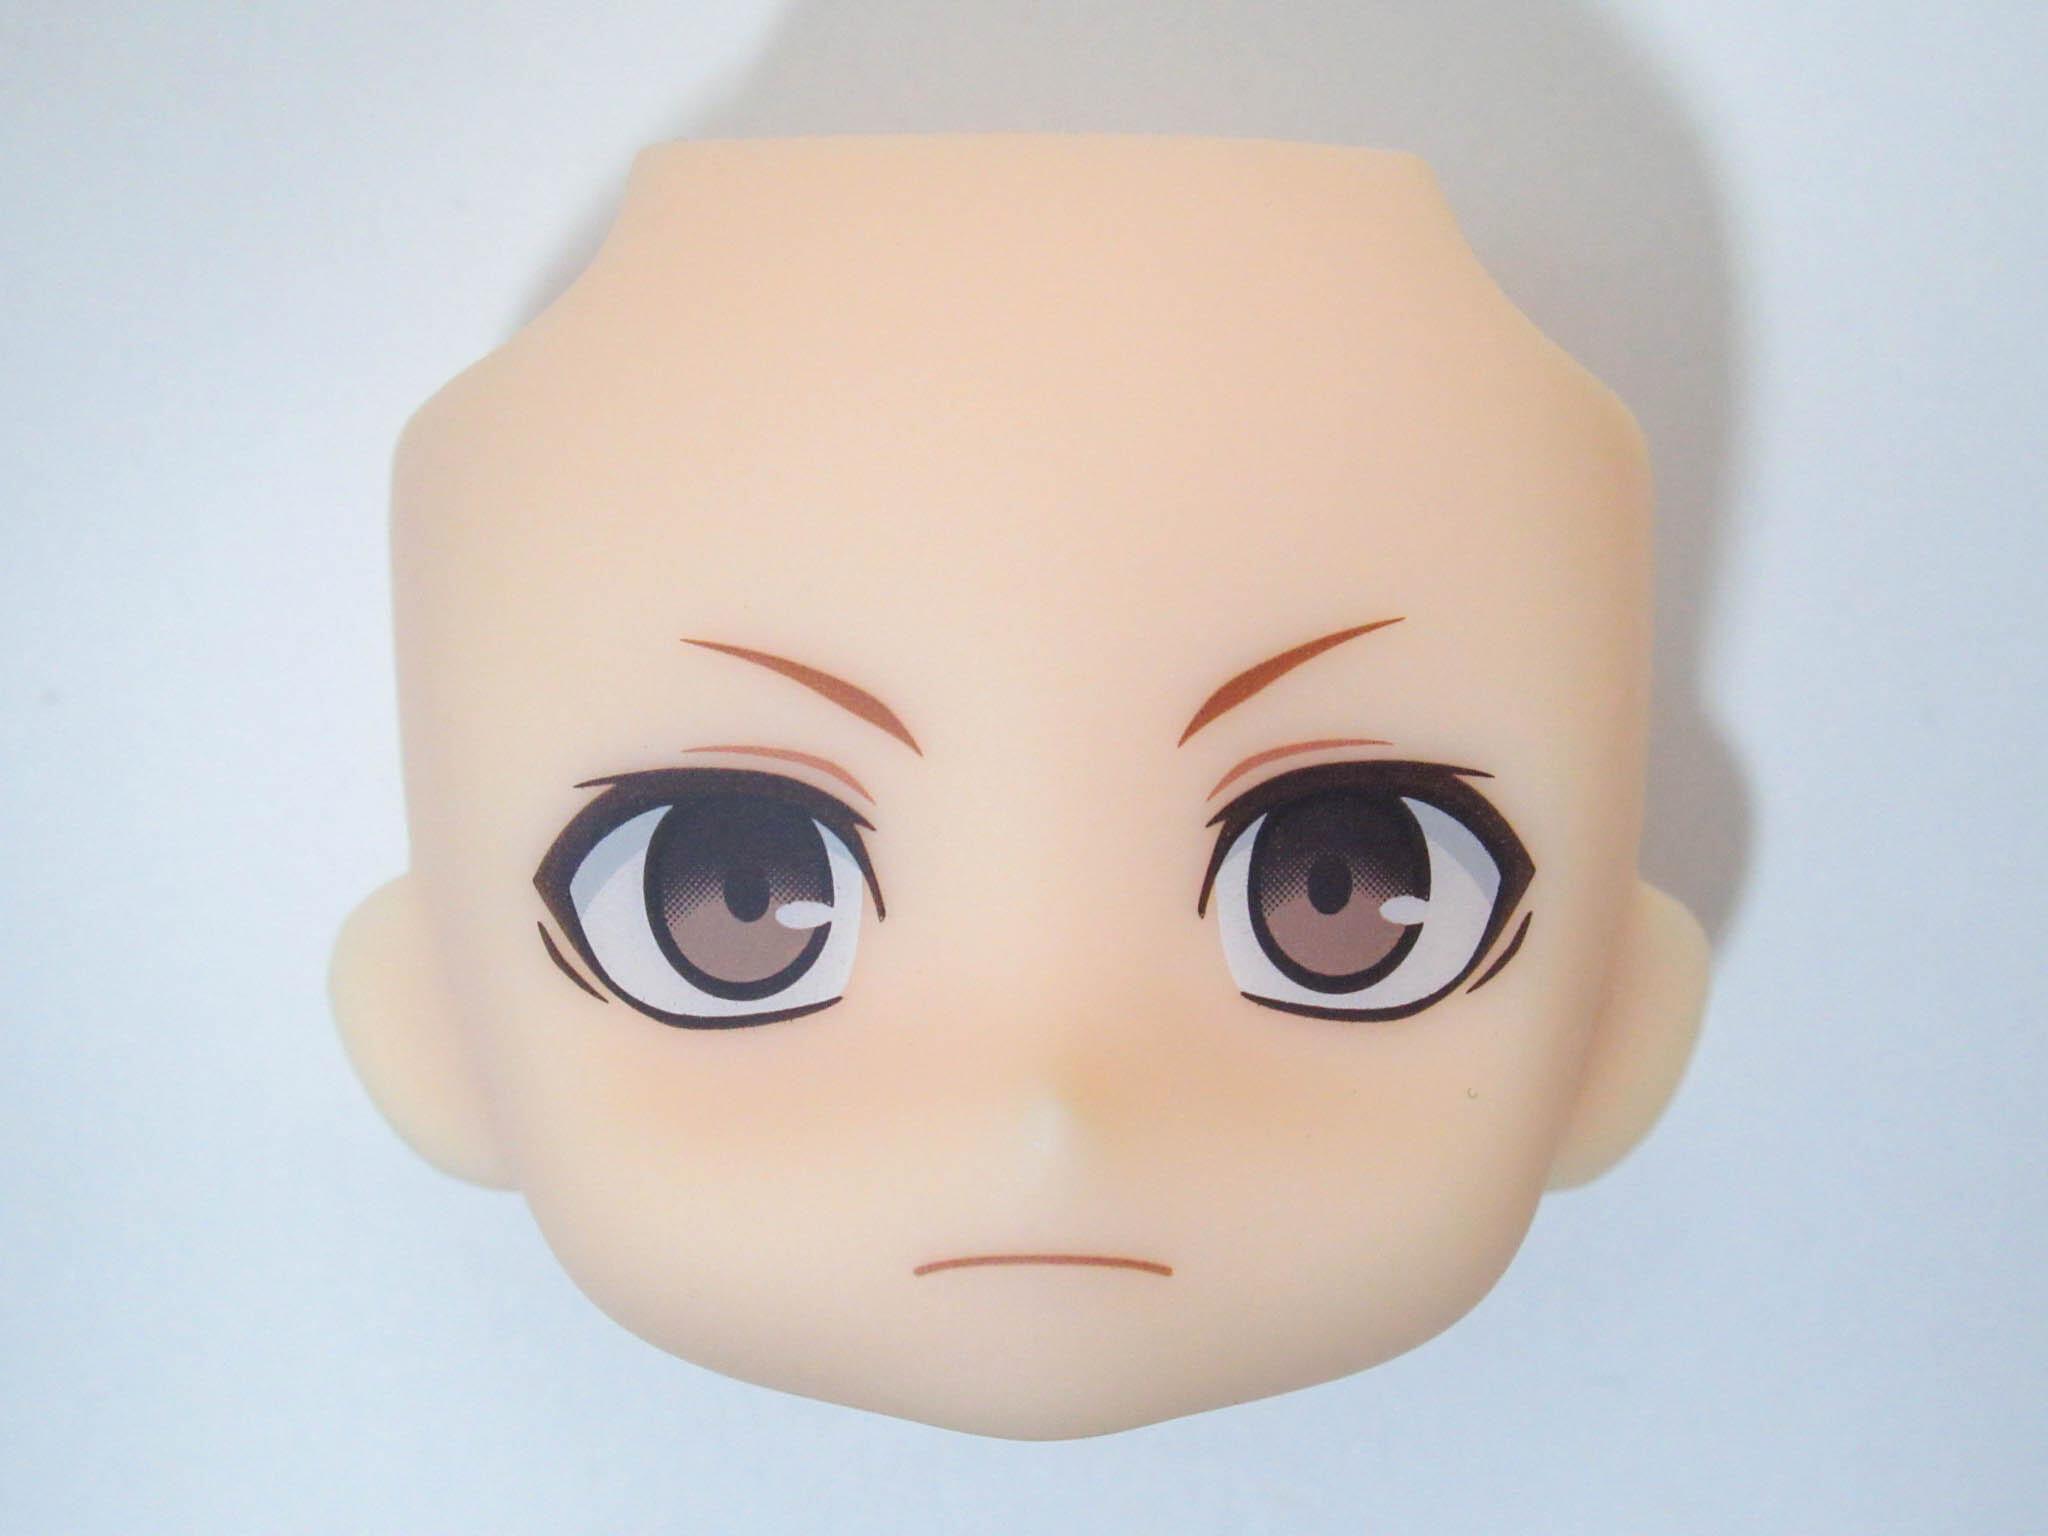 【1162】 坂本竜司 怪盗服Ver. 顔パーツ 普通 ねんどろいど